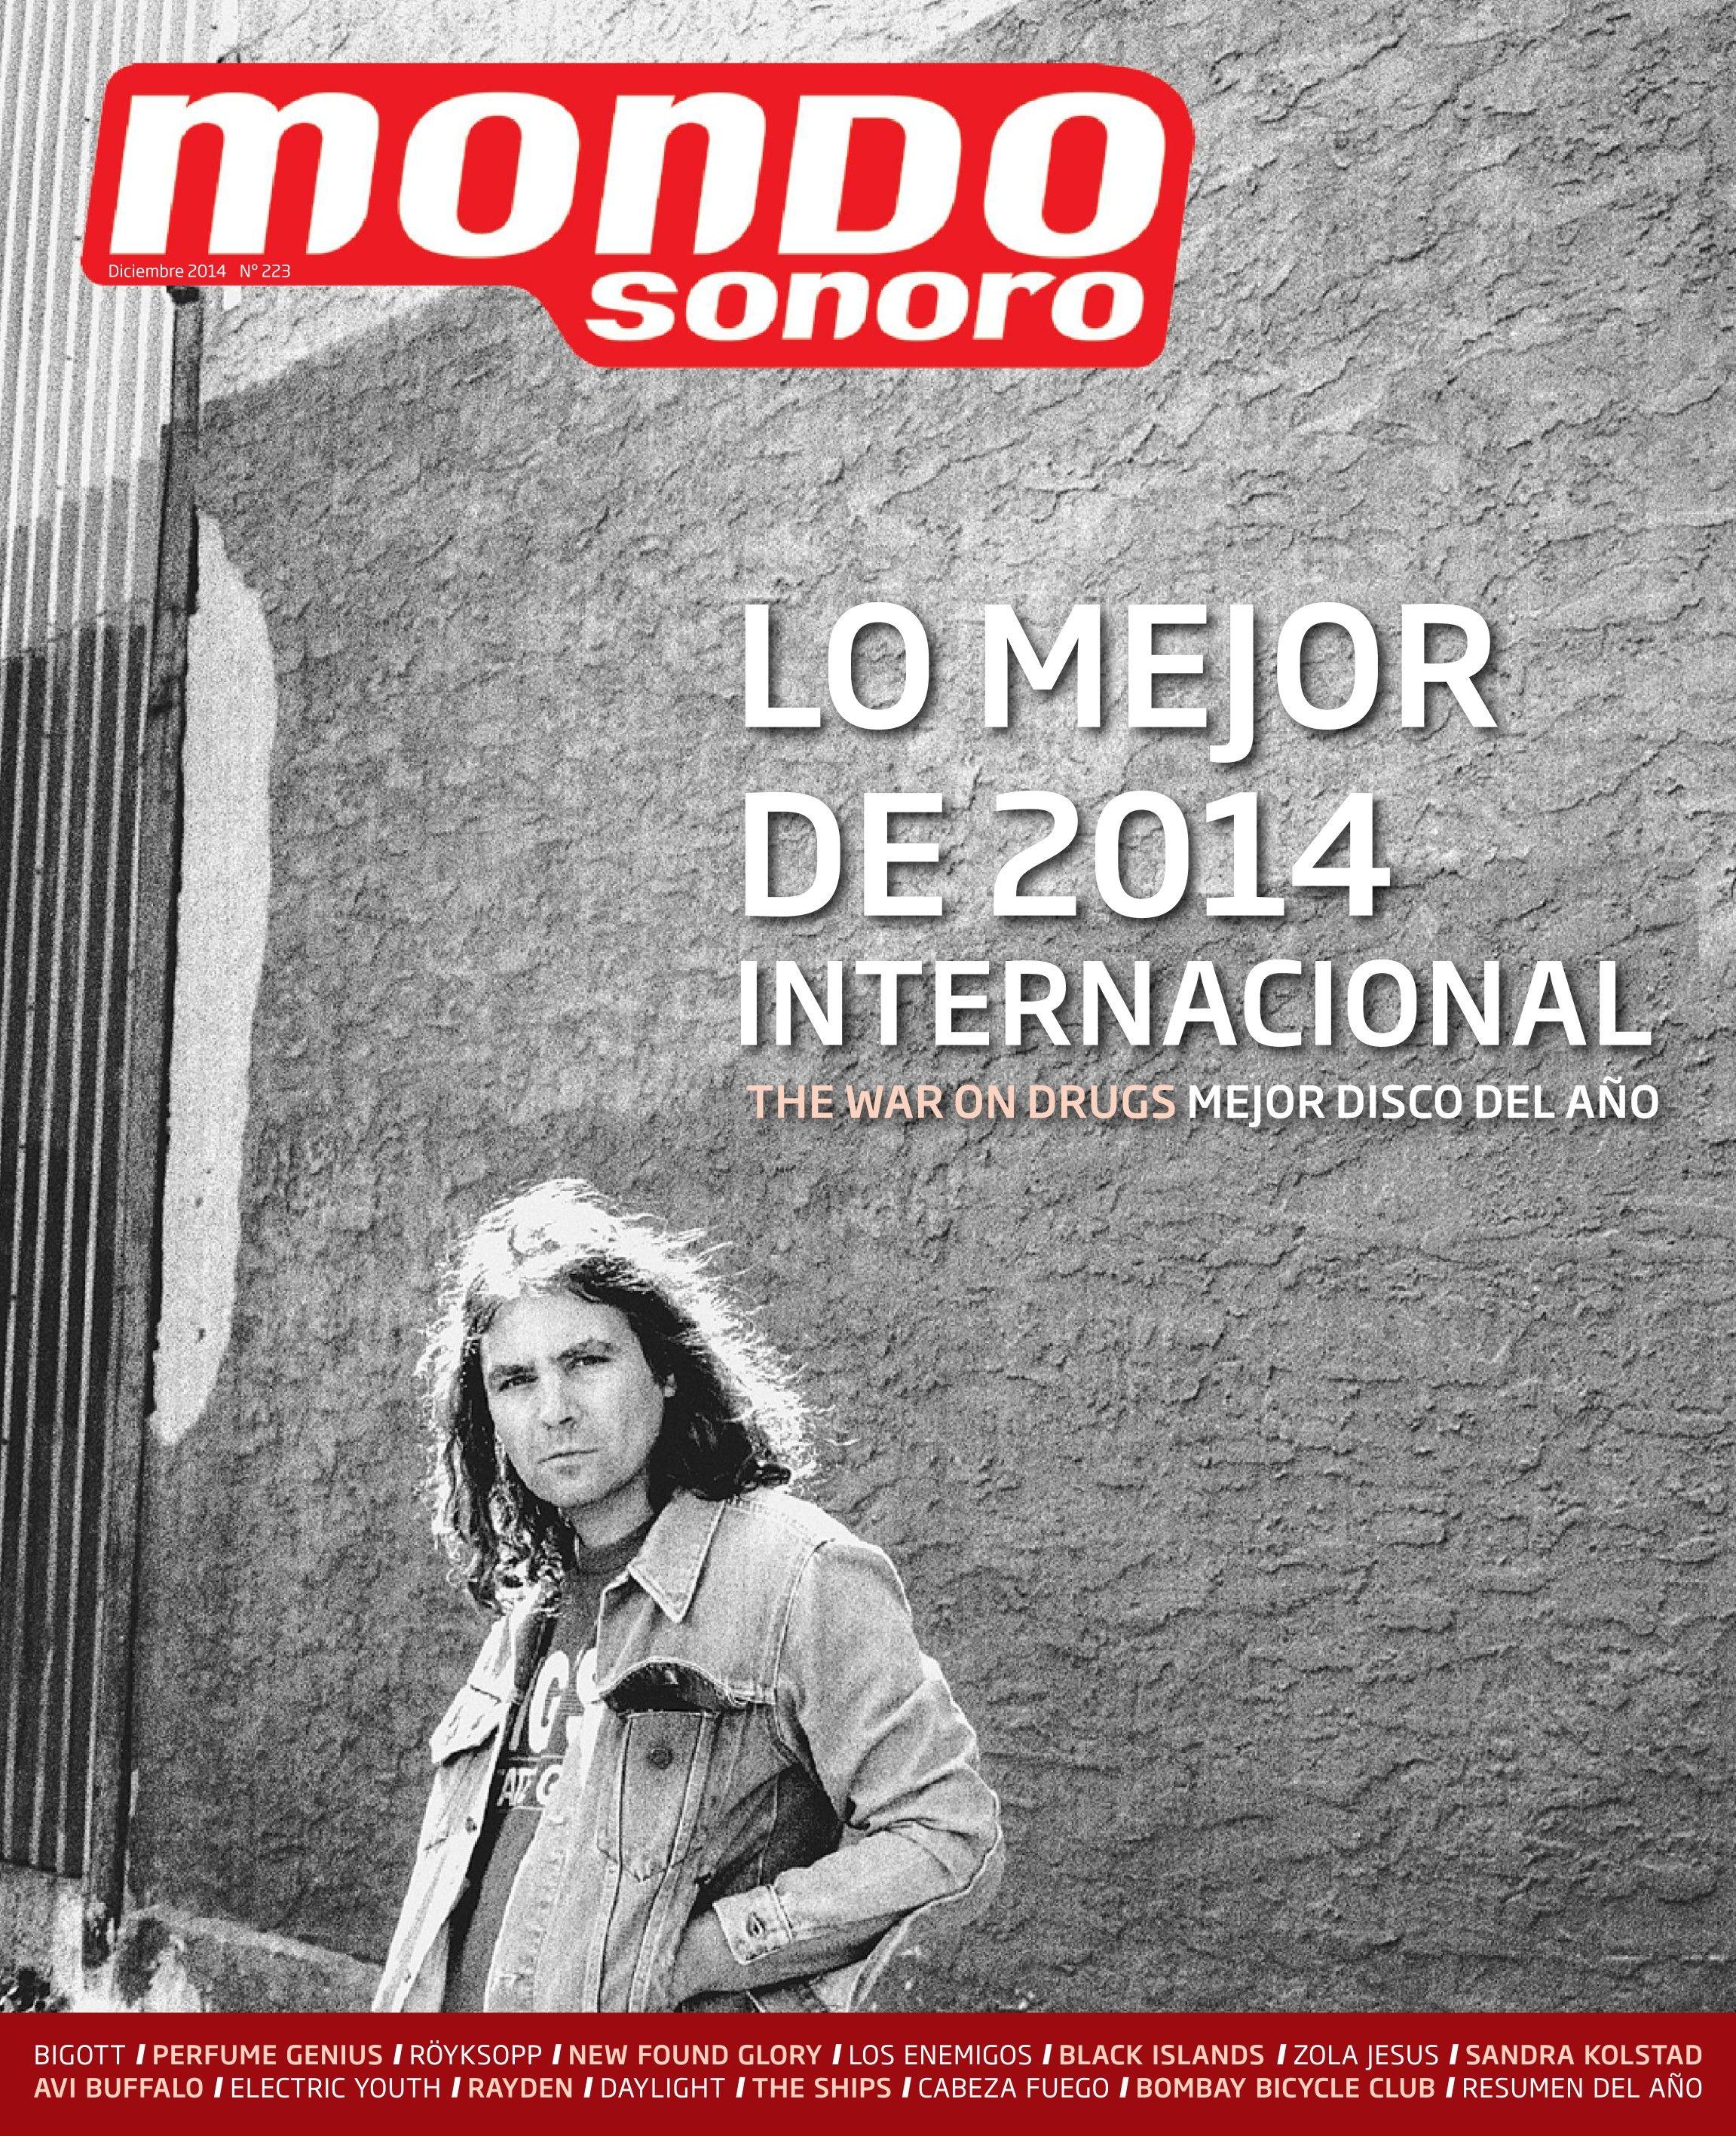 #Mondosonoro 223. La mejor #música de 2014 internacional.